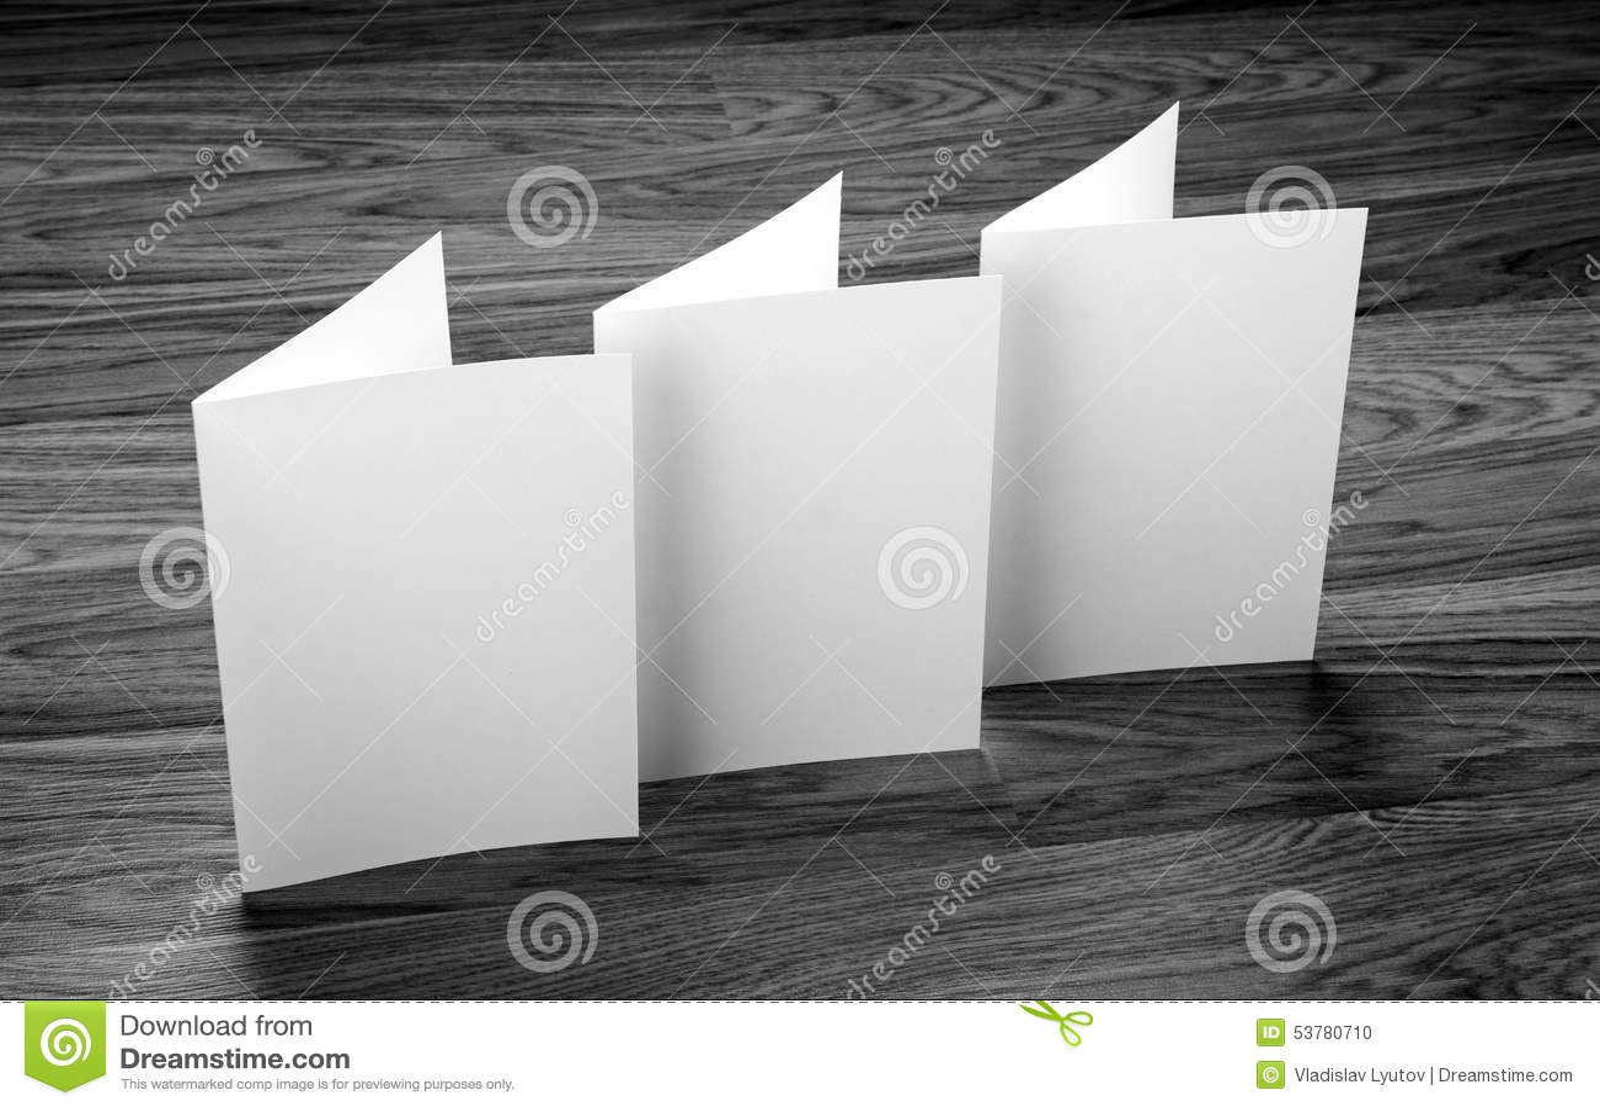 Pusta biała falcowanie papieru ulotka